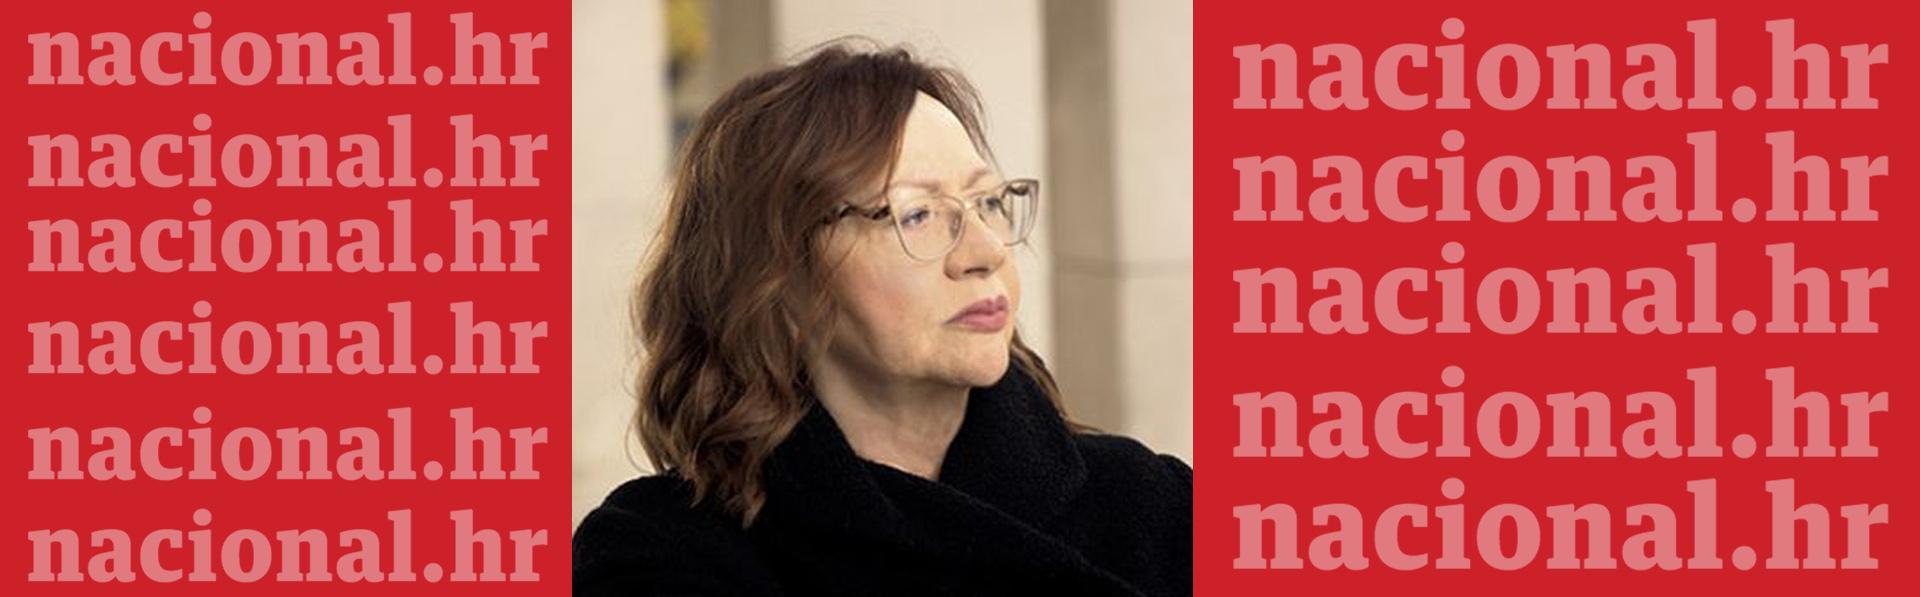 JEDNA OD NAJUTJECAJNIJIH HRVATSKIH KOLUMNISTICA Jelena Lovrić 'pojačala' redakciju Nacionala